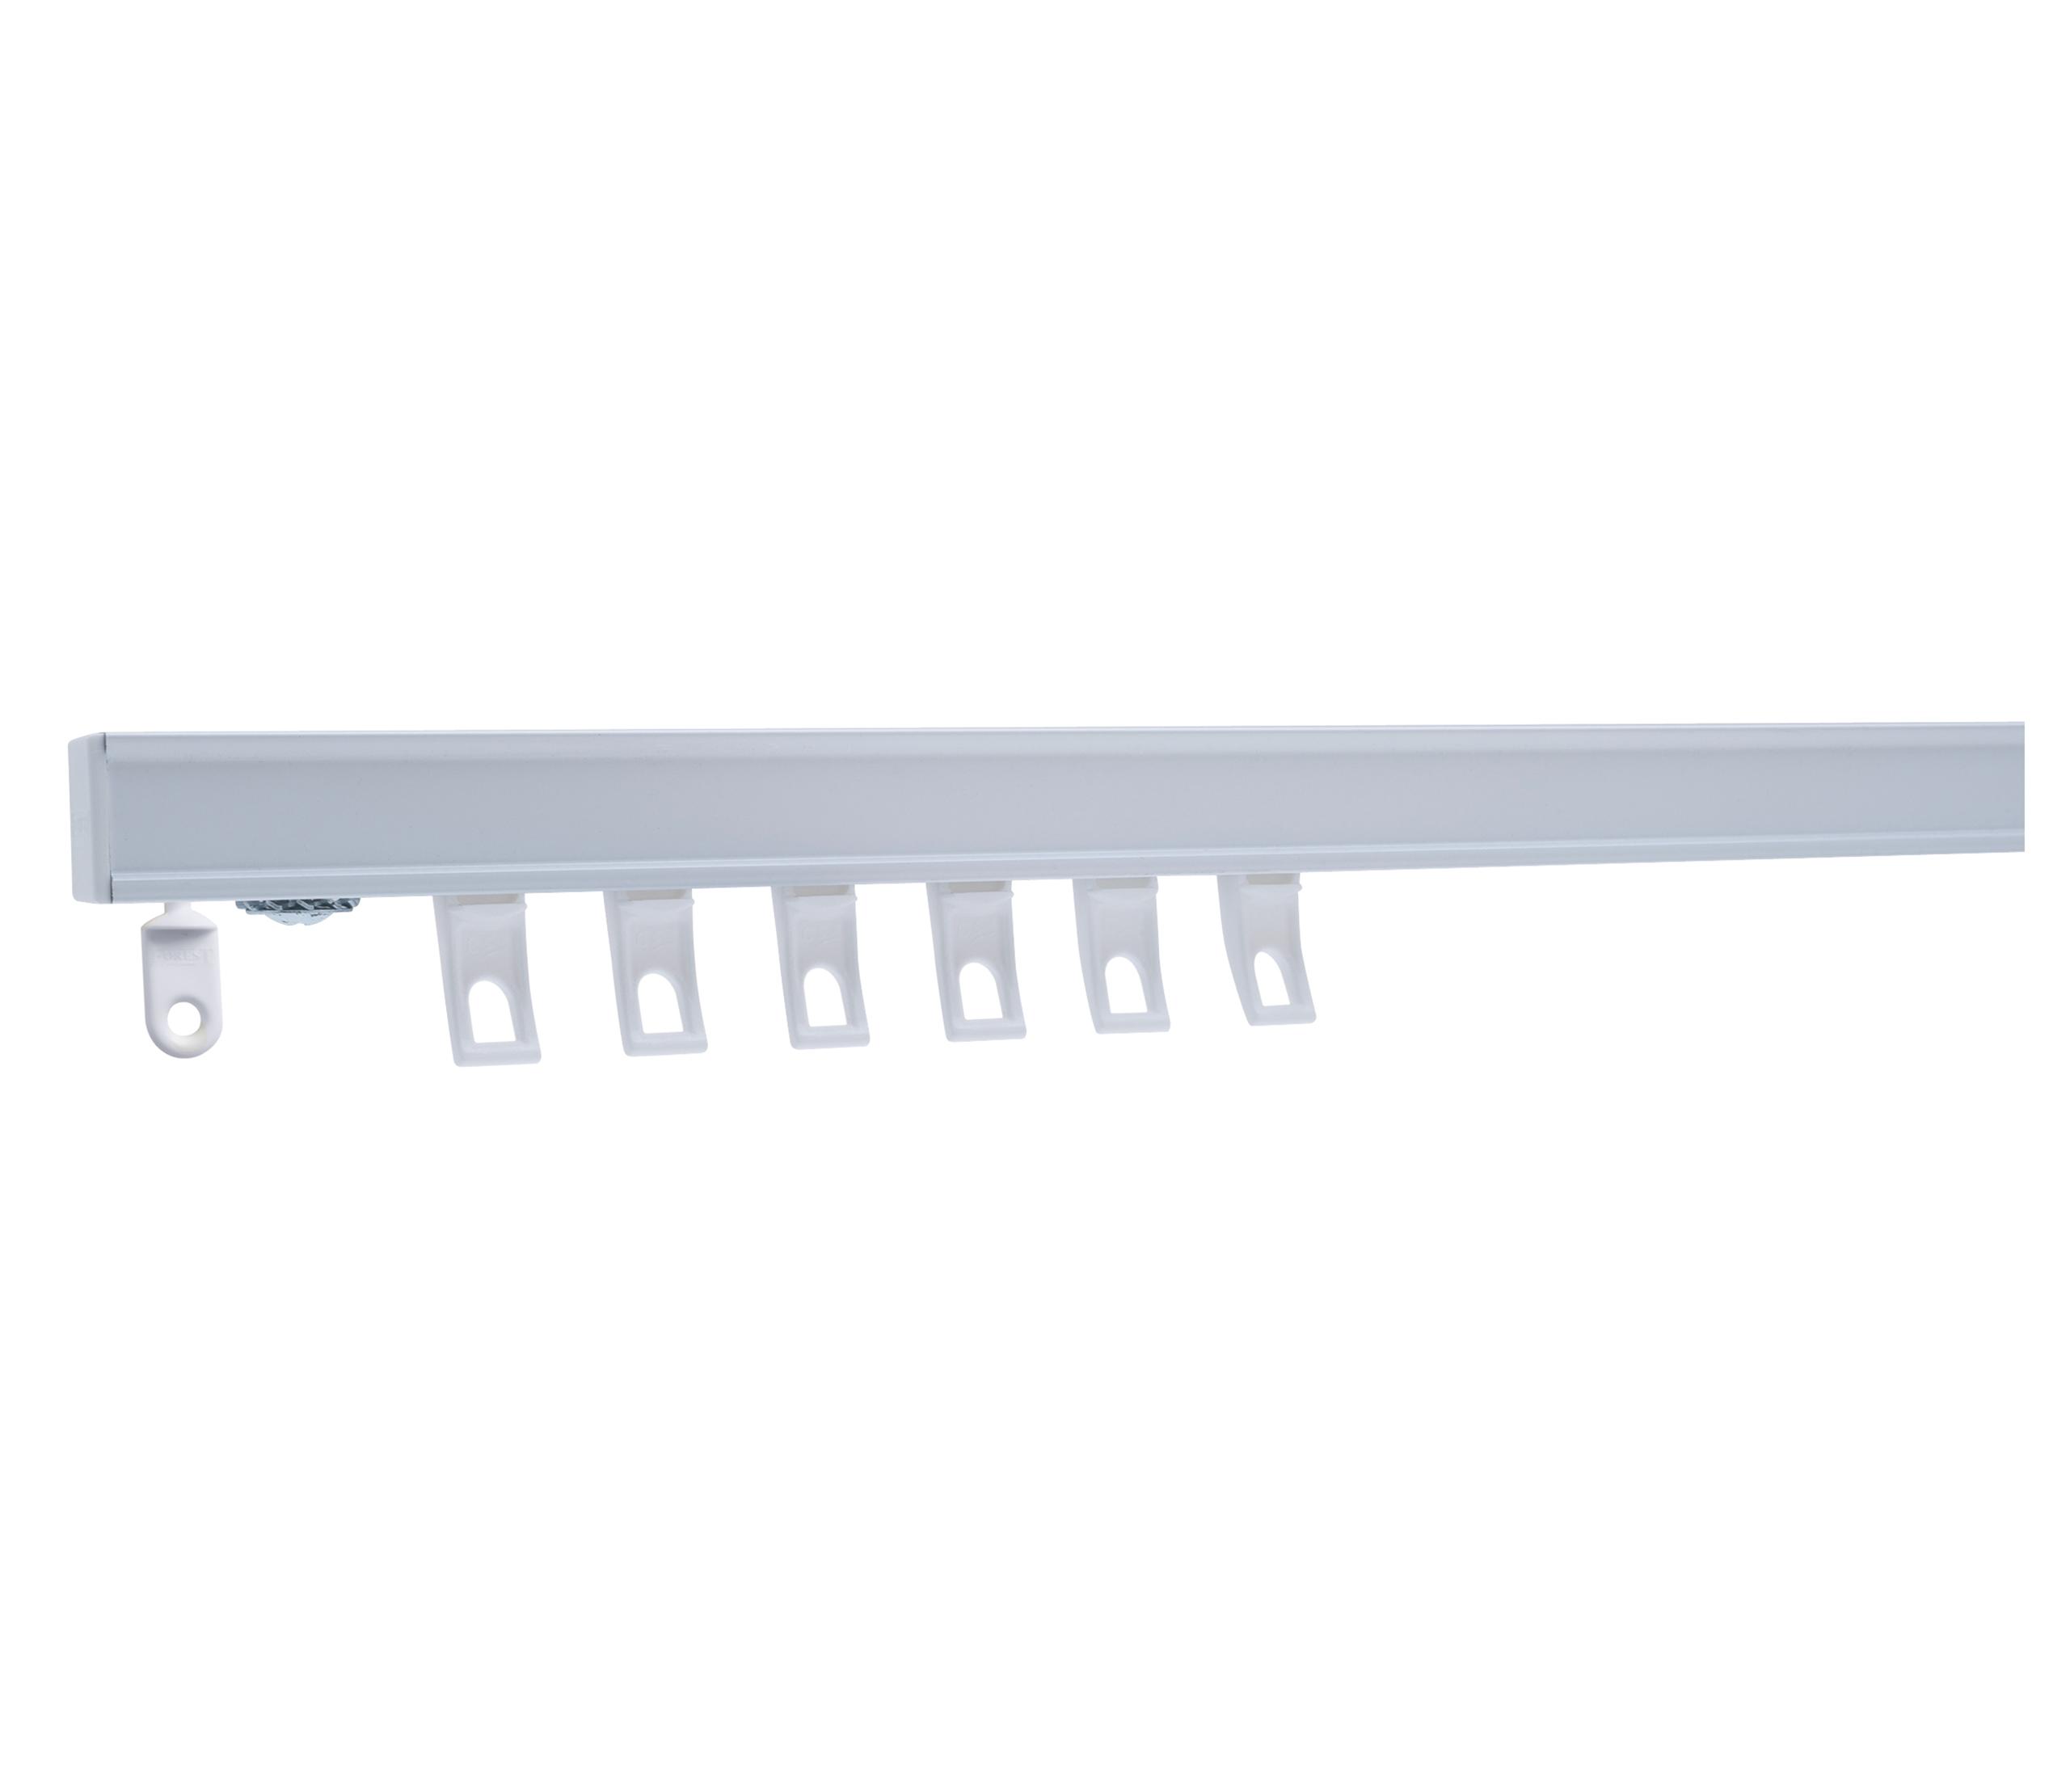 Modèle CS : Fixation au plafond ou au mur pour rideaux lourds (doublé, hauteur + 300 cm)